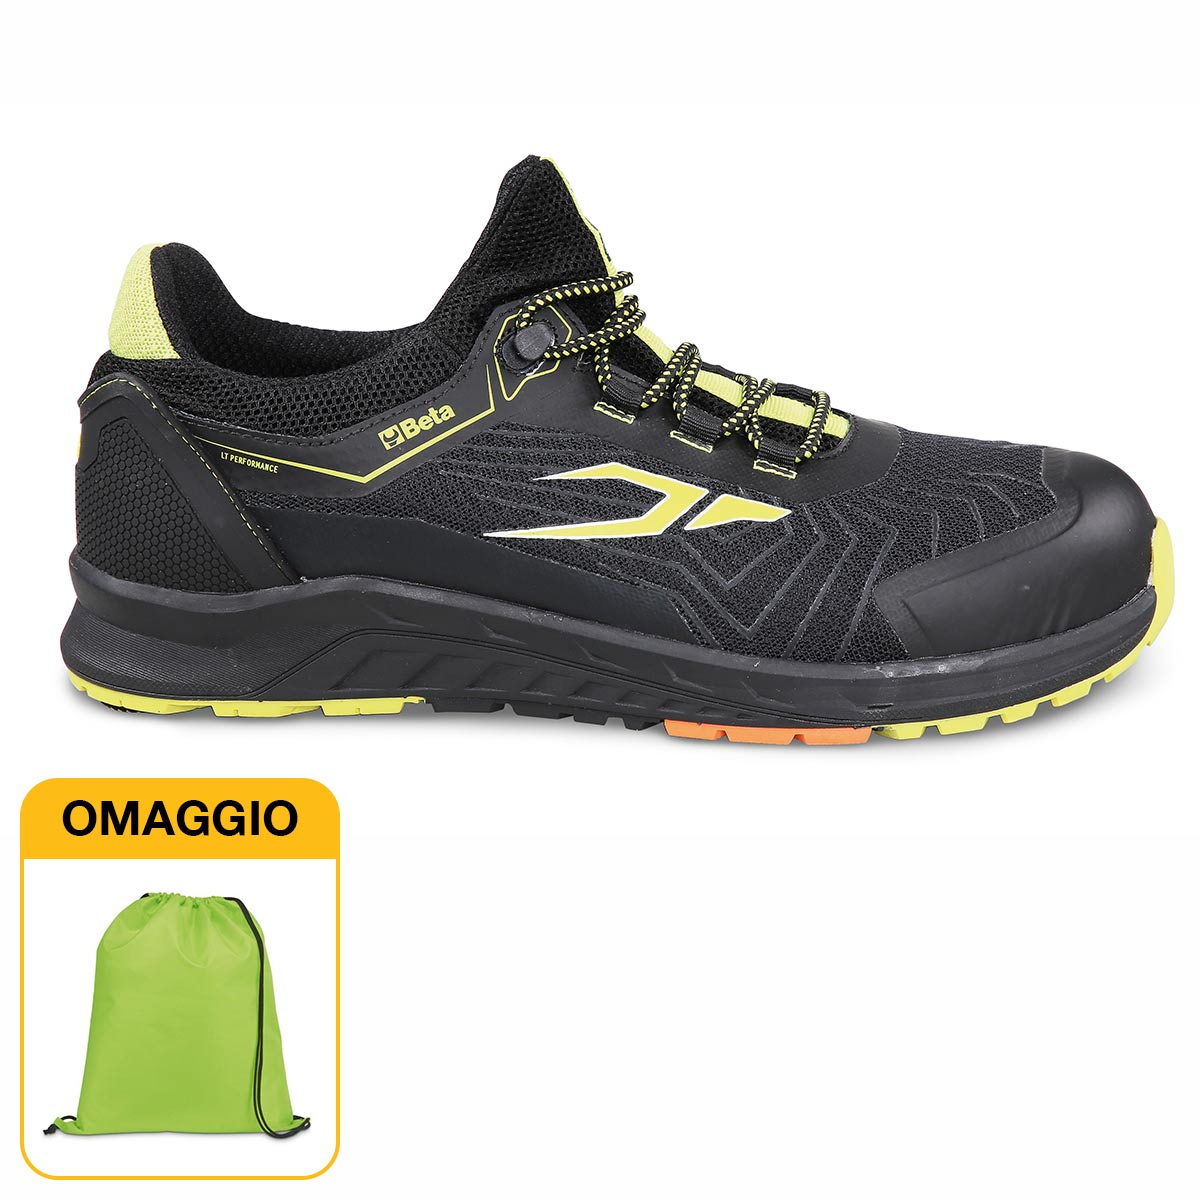 Beta 0 Gravity | Omaggio sacca porta scarpe | Scarpe